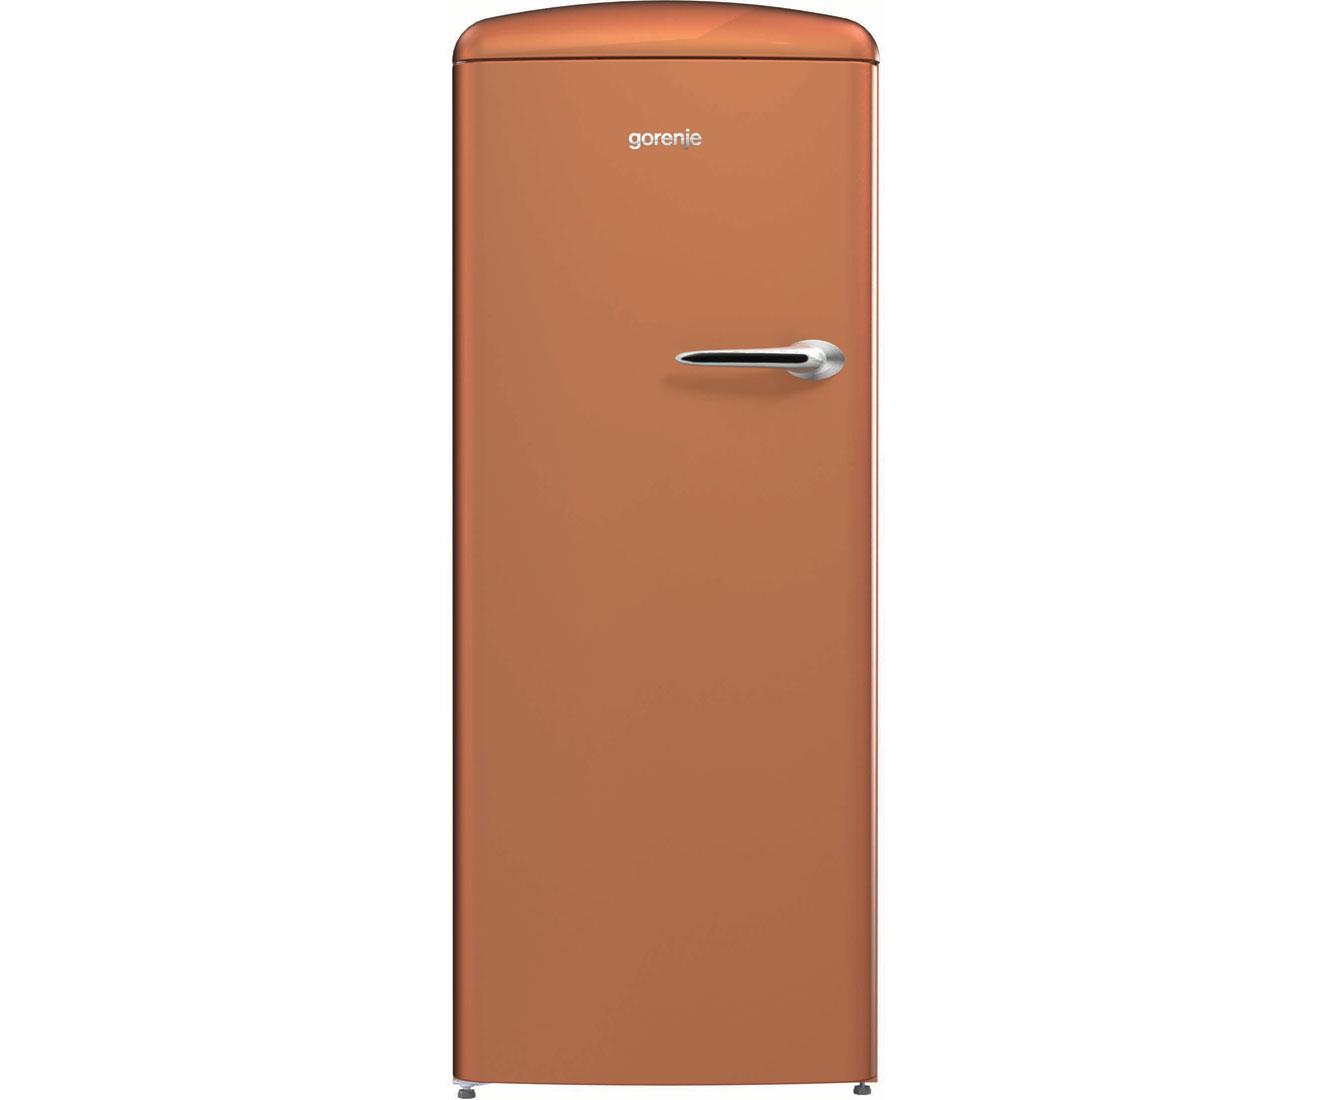 Gorenje Kühlschrank Schalter Funktion : Rabatt preisvergleich weiße ware u e kühlen gefrieren u e kühlschrank